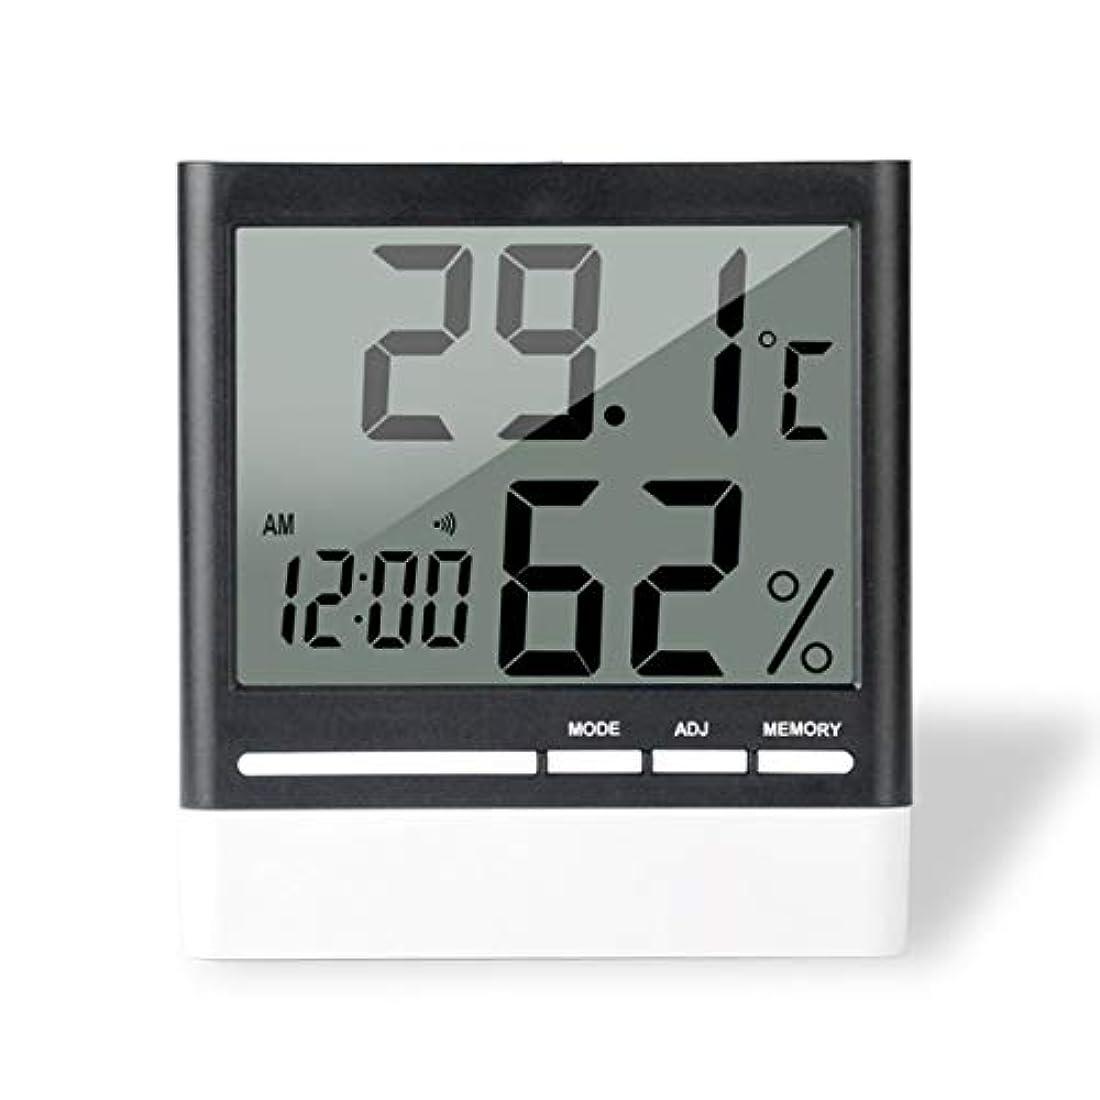 バックアップ動機付けるアテンダントSaikogoods 電子体温計湿度計 デジタルディスプレイ 温度湿度モニター アラーム時計 屋内家庭用 ブラック